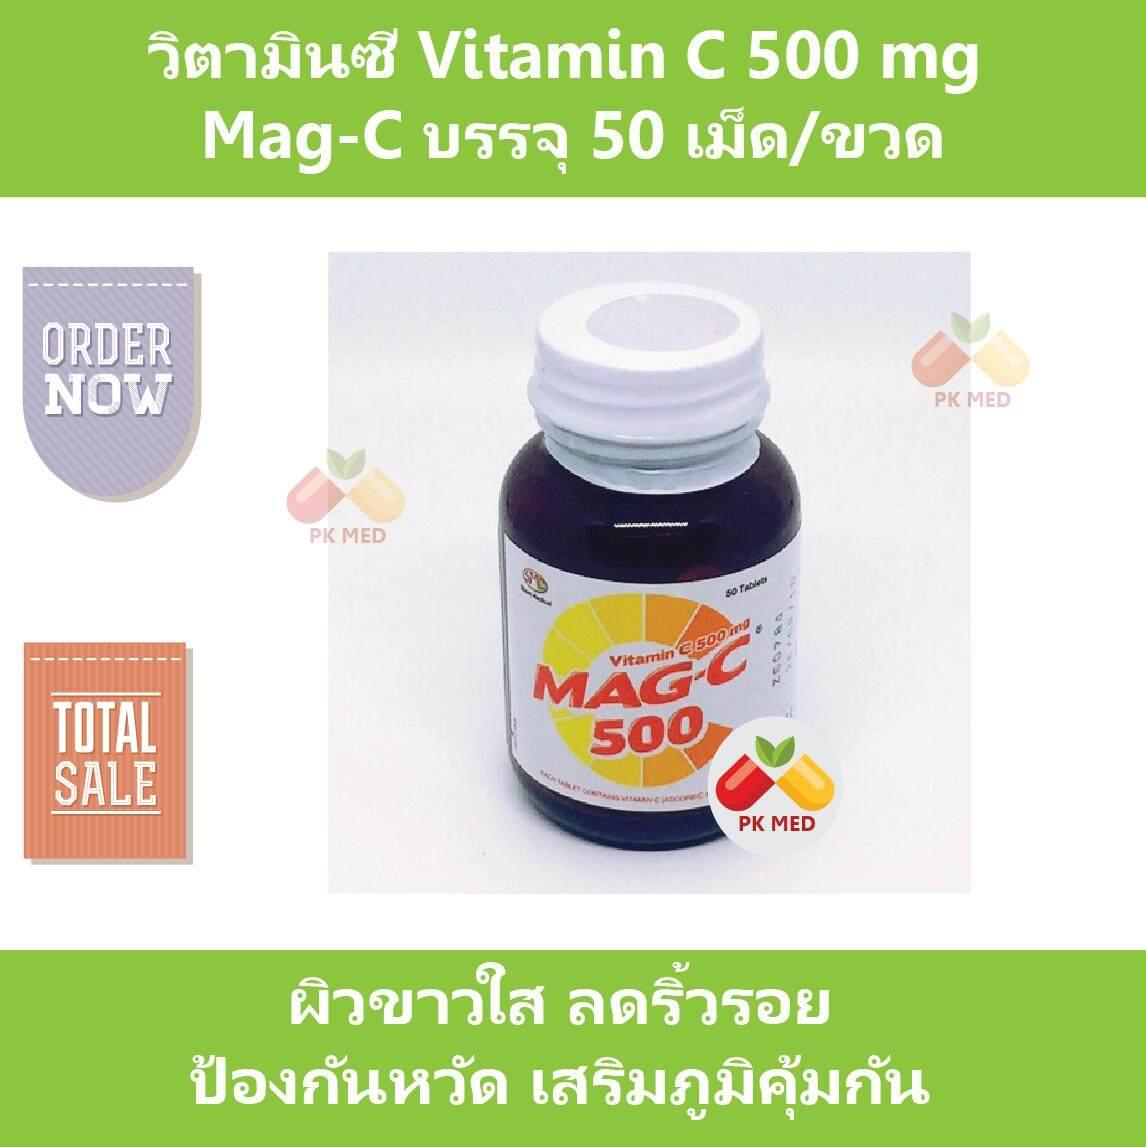 วิตามินซี Vitamin C 500 mg ผิวขาวใส ลดริ้วรอย เสริมภูมิคุ้มกัน Mag-C บรรจุ  50 เม็ด/ขวด